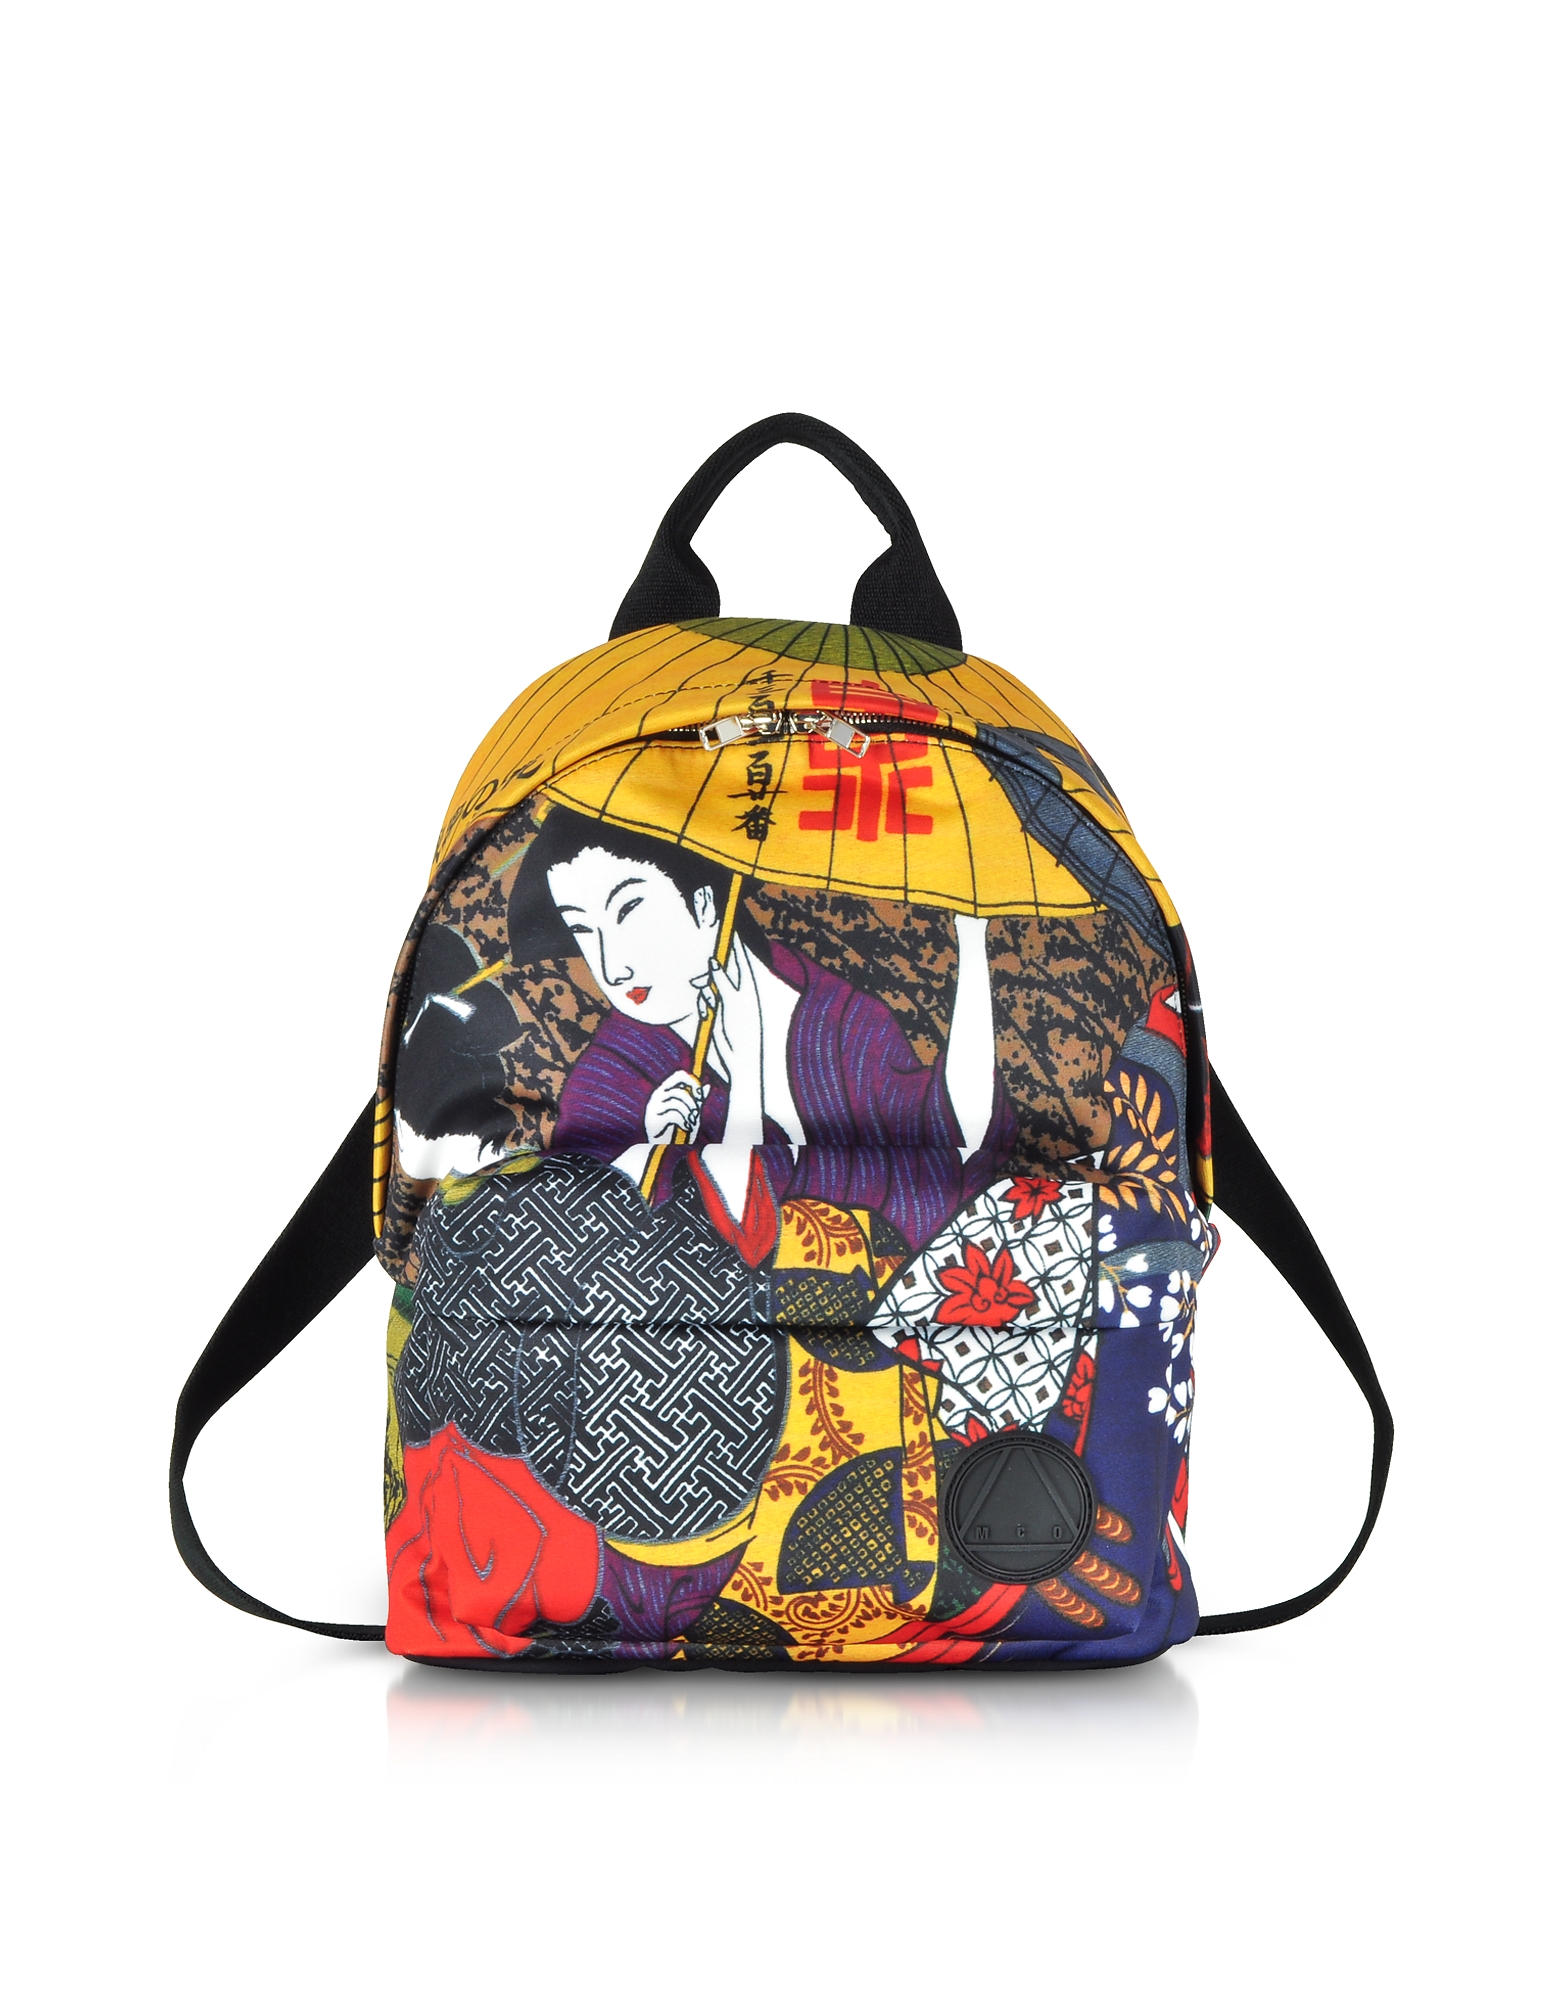 Image of McQ Alexander McQueen Designer Handbags, Kimono Girl Nylon Backpack